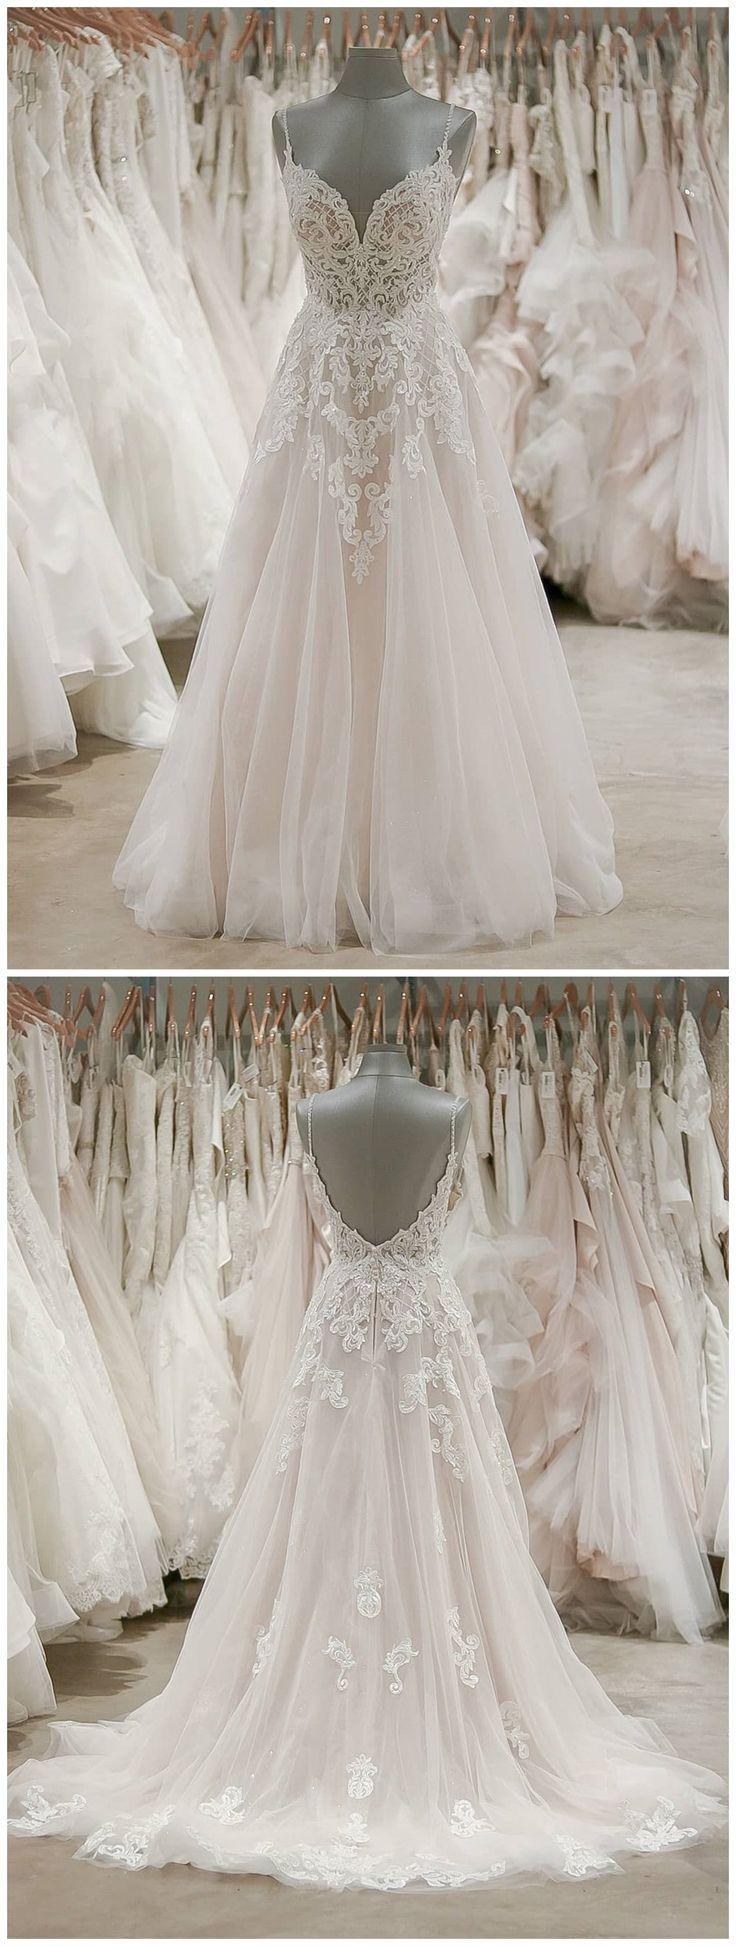 Elfenbein Brautkleider, Plus Size Brautkleider, G…